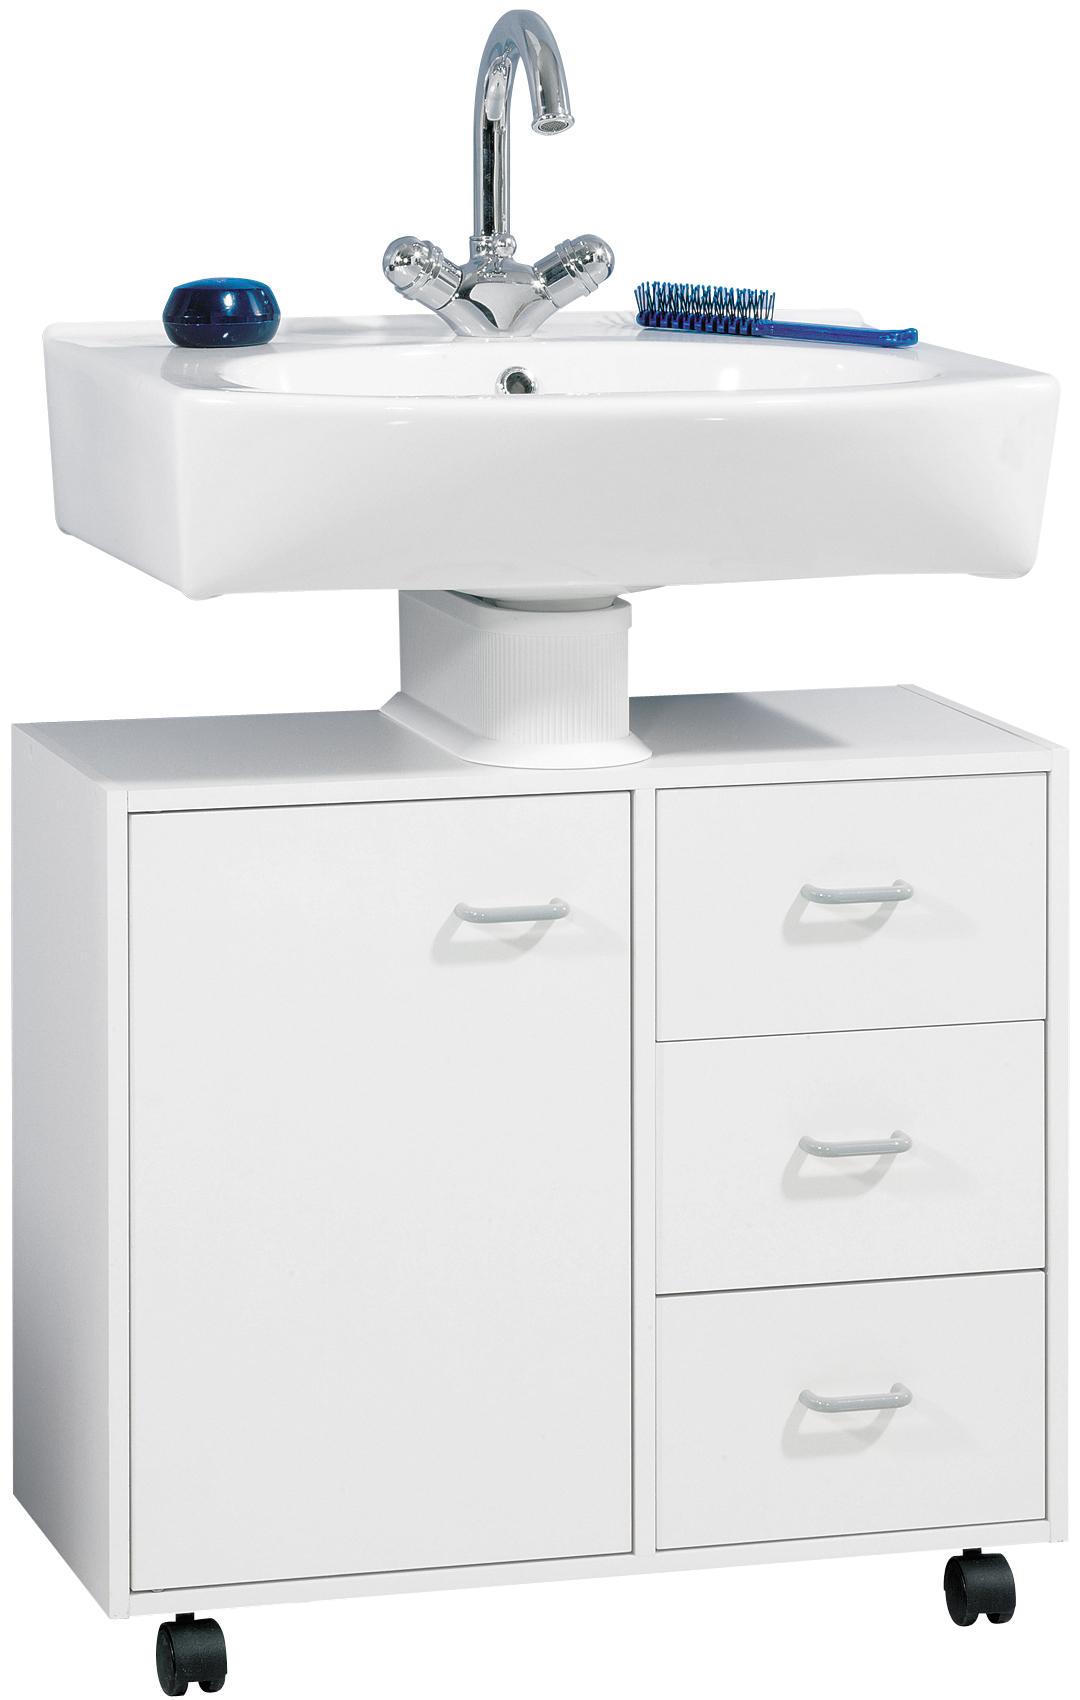 baumarkt wittig badm bel waschbeckenunterschr nke fackelmann waschbecken unterschrank wei. Black Bedroom Furniture Sets. Home Design Ideas